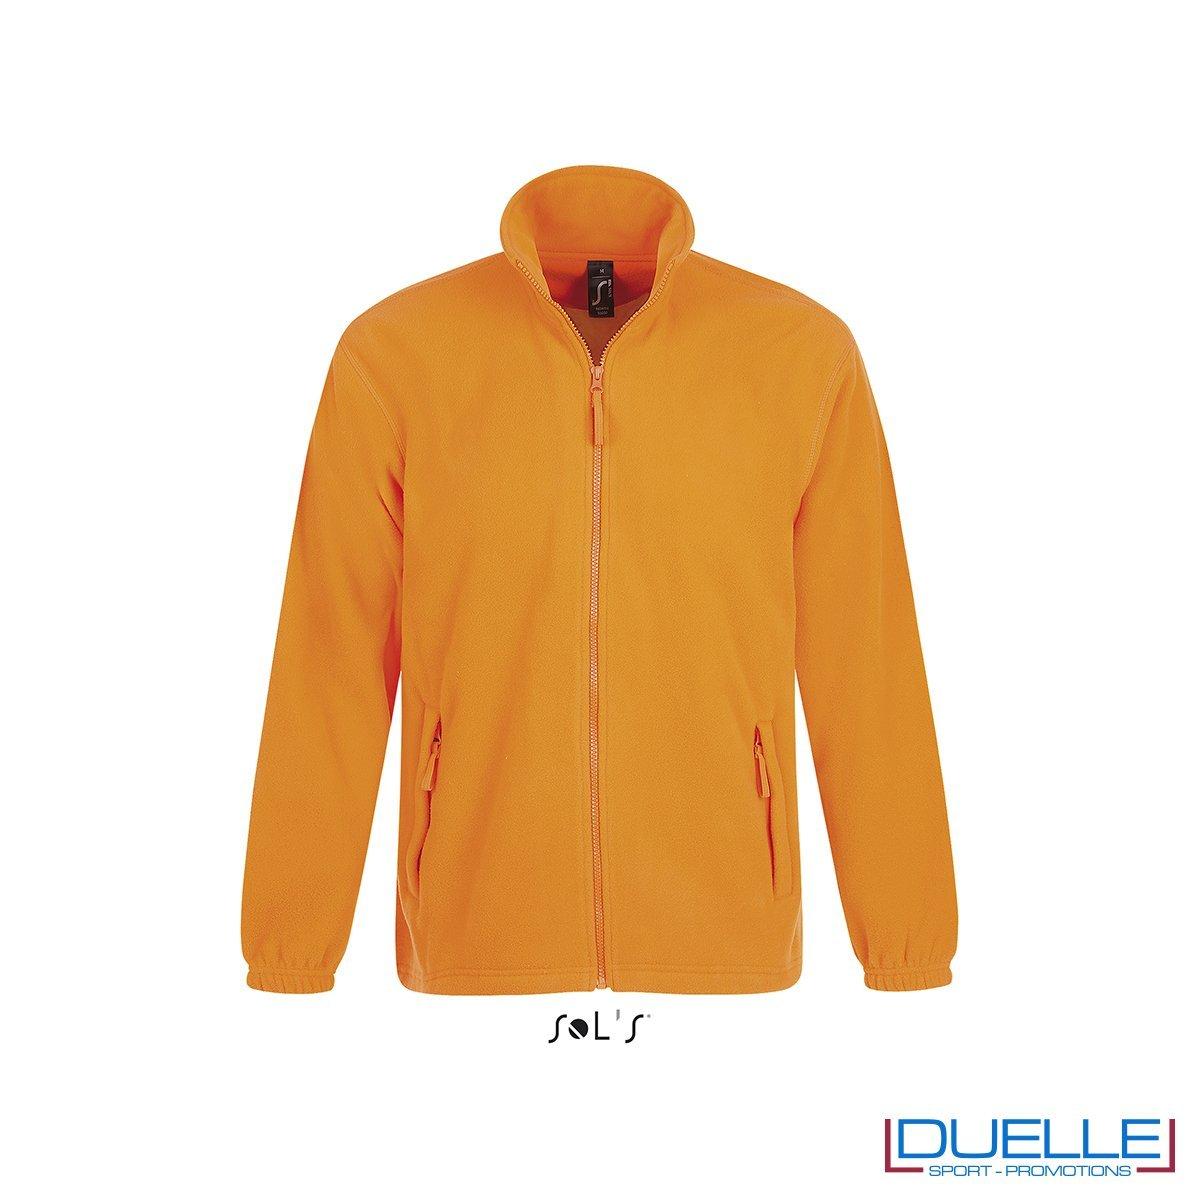 Felpa personalizzata pile uomo colore arancione fluo